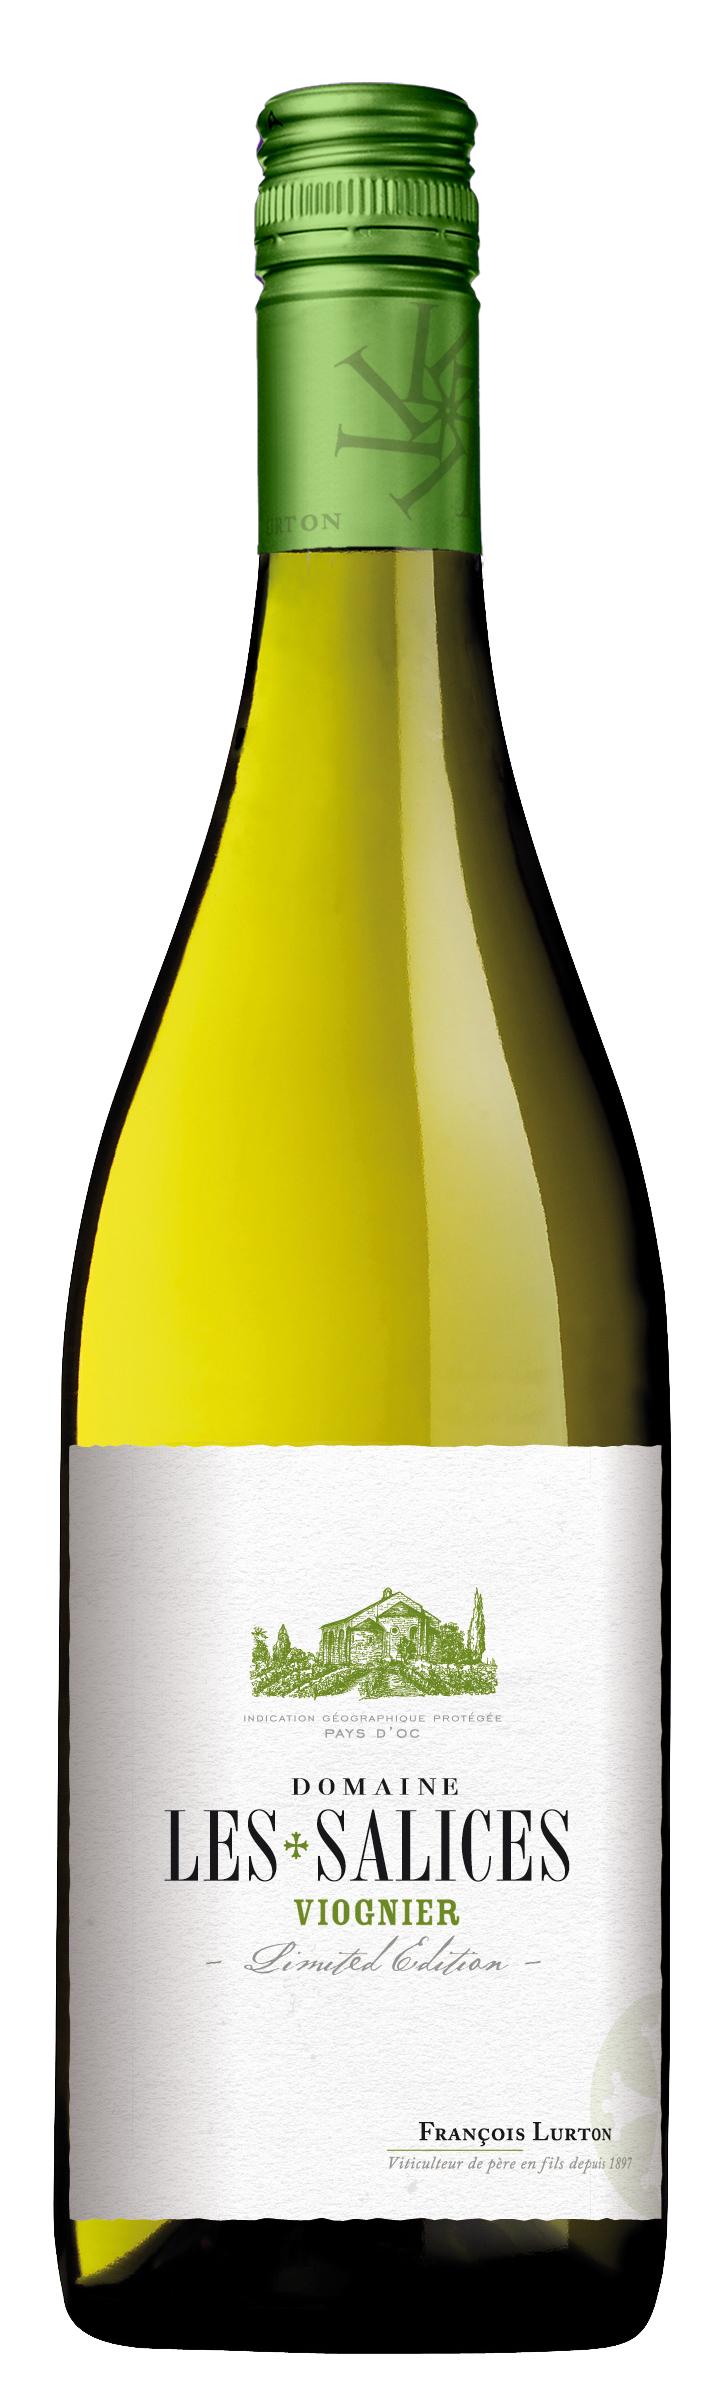 Francois Lurton Domaine Les Salices Viognier